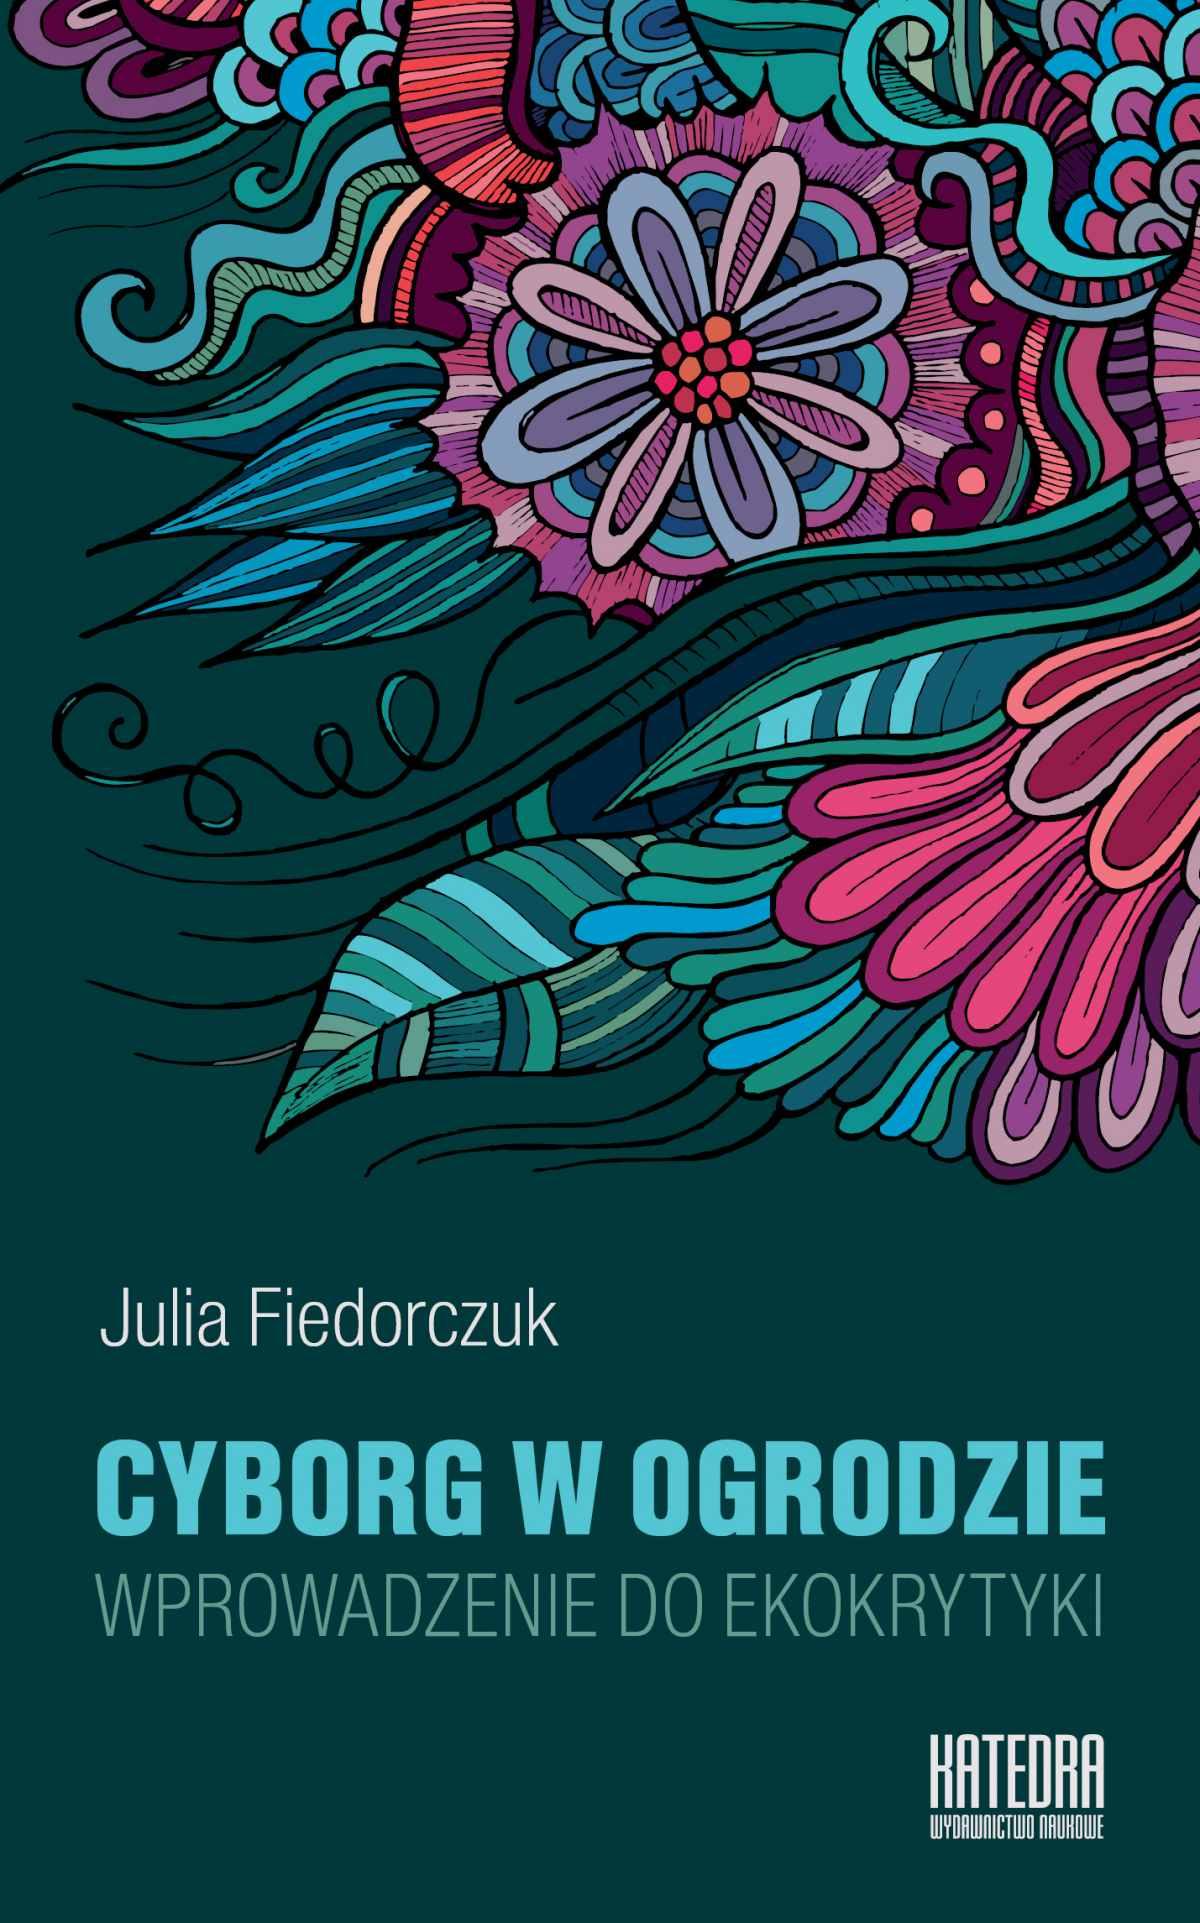 Cyborg w ogrodzie. Wprowadzenie do ekokrytyki - Ebook (Książka na Kindle) do pobrania w formacie MOBI